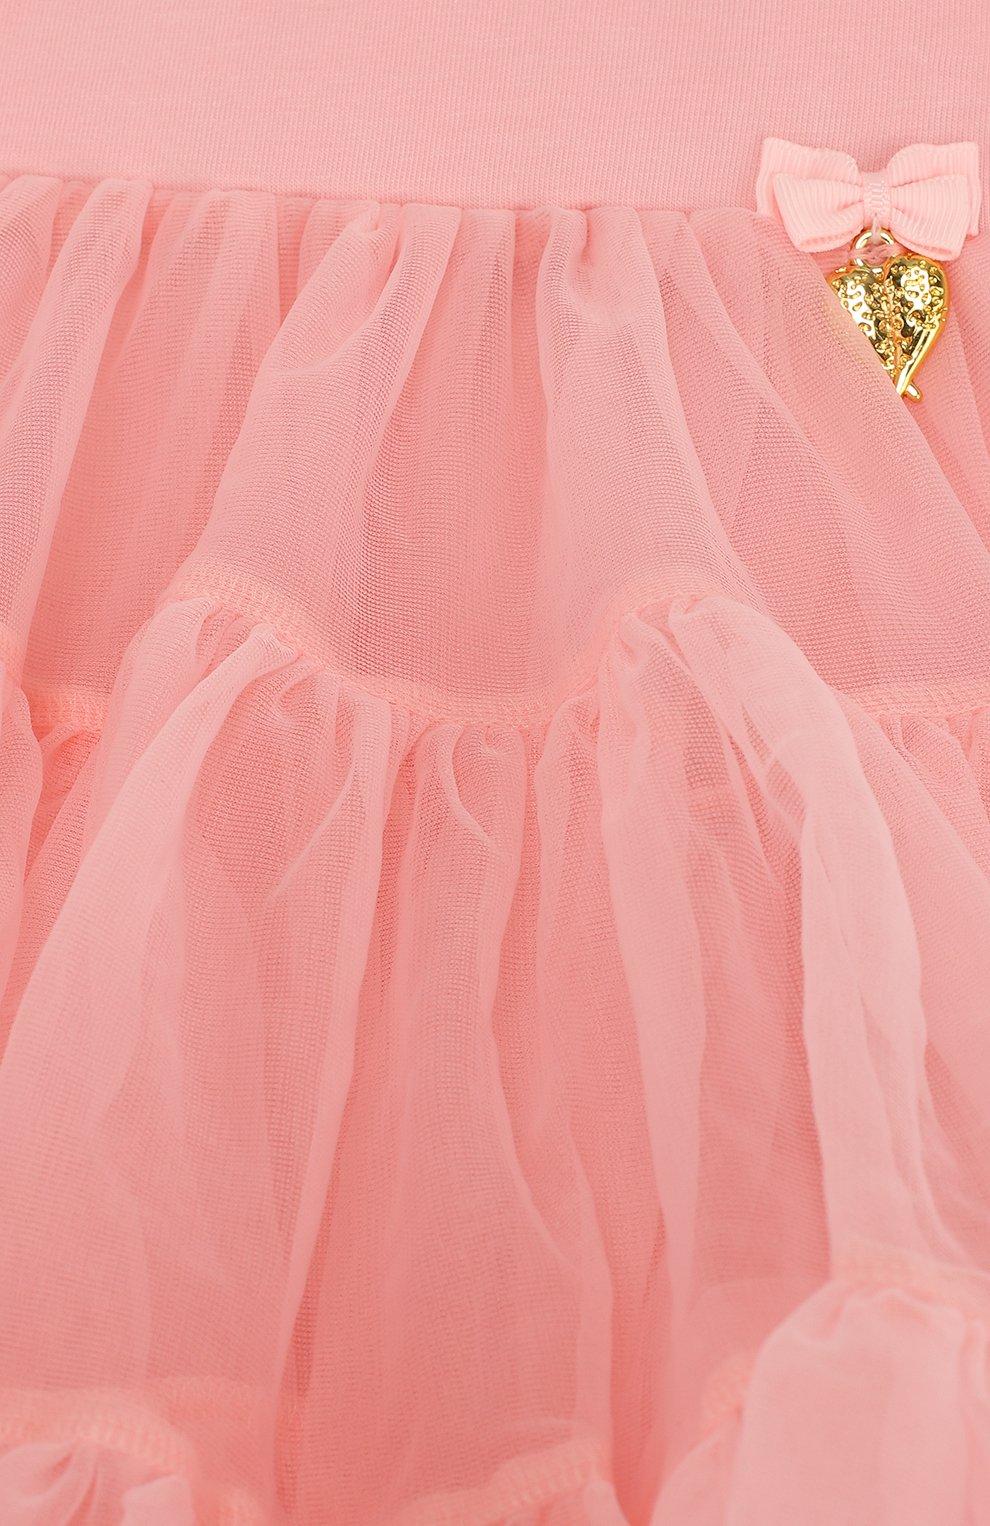 Многослойная мини-юбка свободного кроя с оборкой   Фото №3